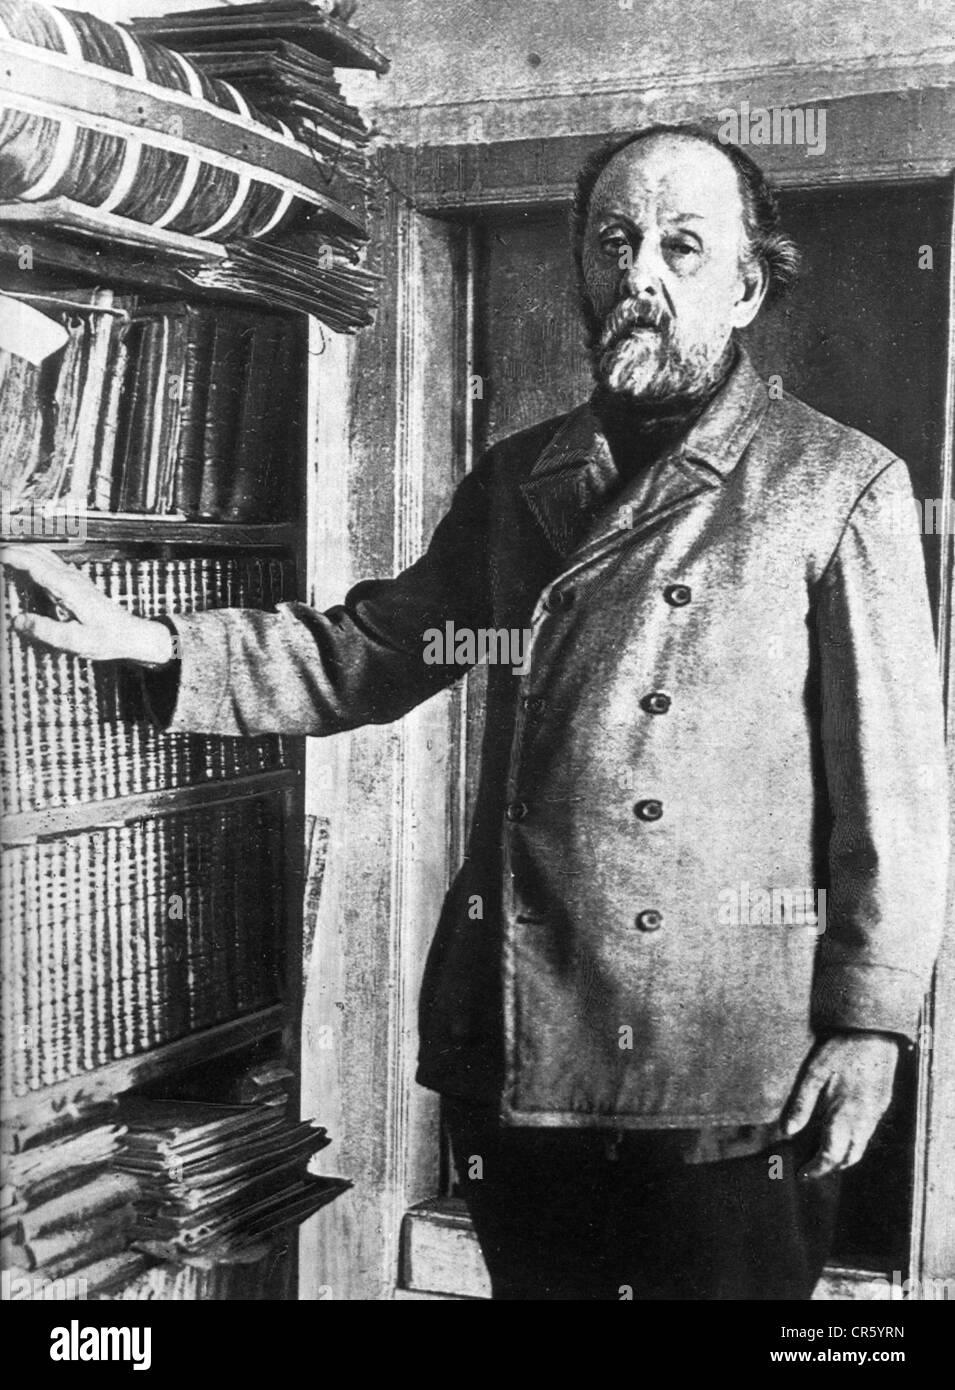 Tsiolkovskii, Konstantin Eduardowitsch, 17.9.1857 - 19.9.1935, russischer Physiker, Mathematiker, Pionier der astronautischen Stockfoto